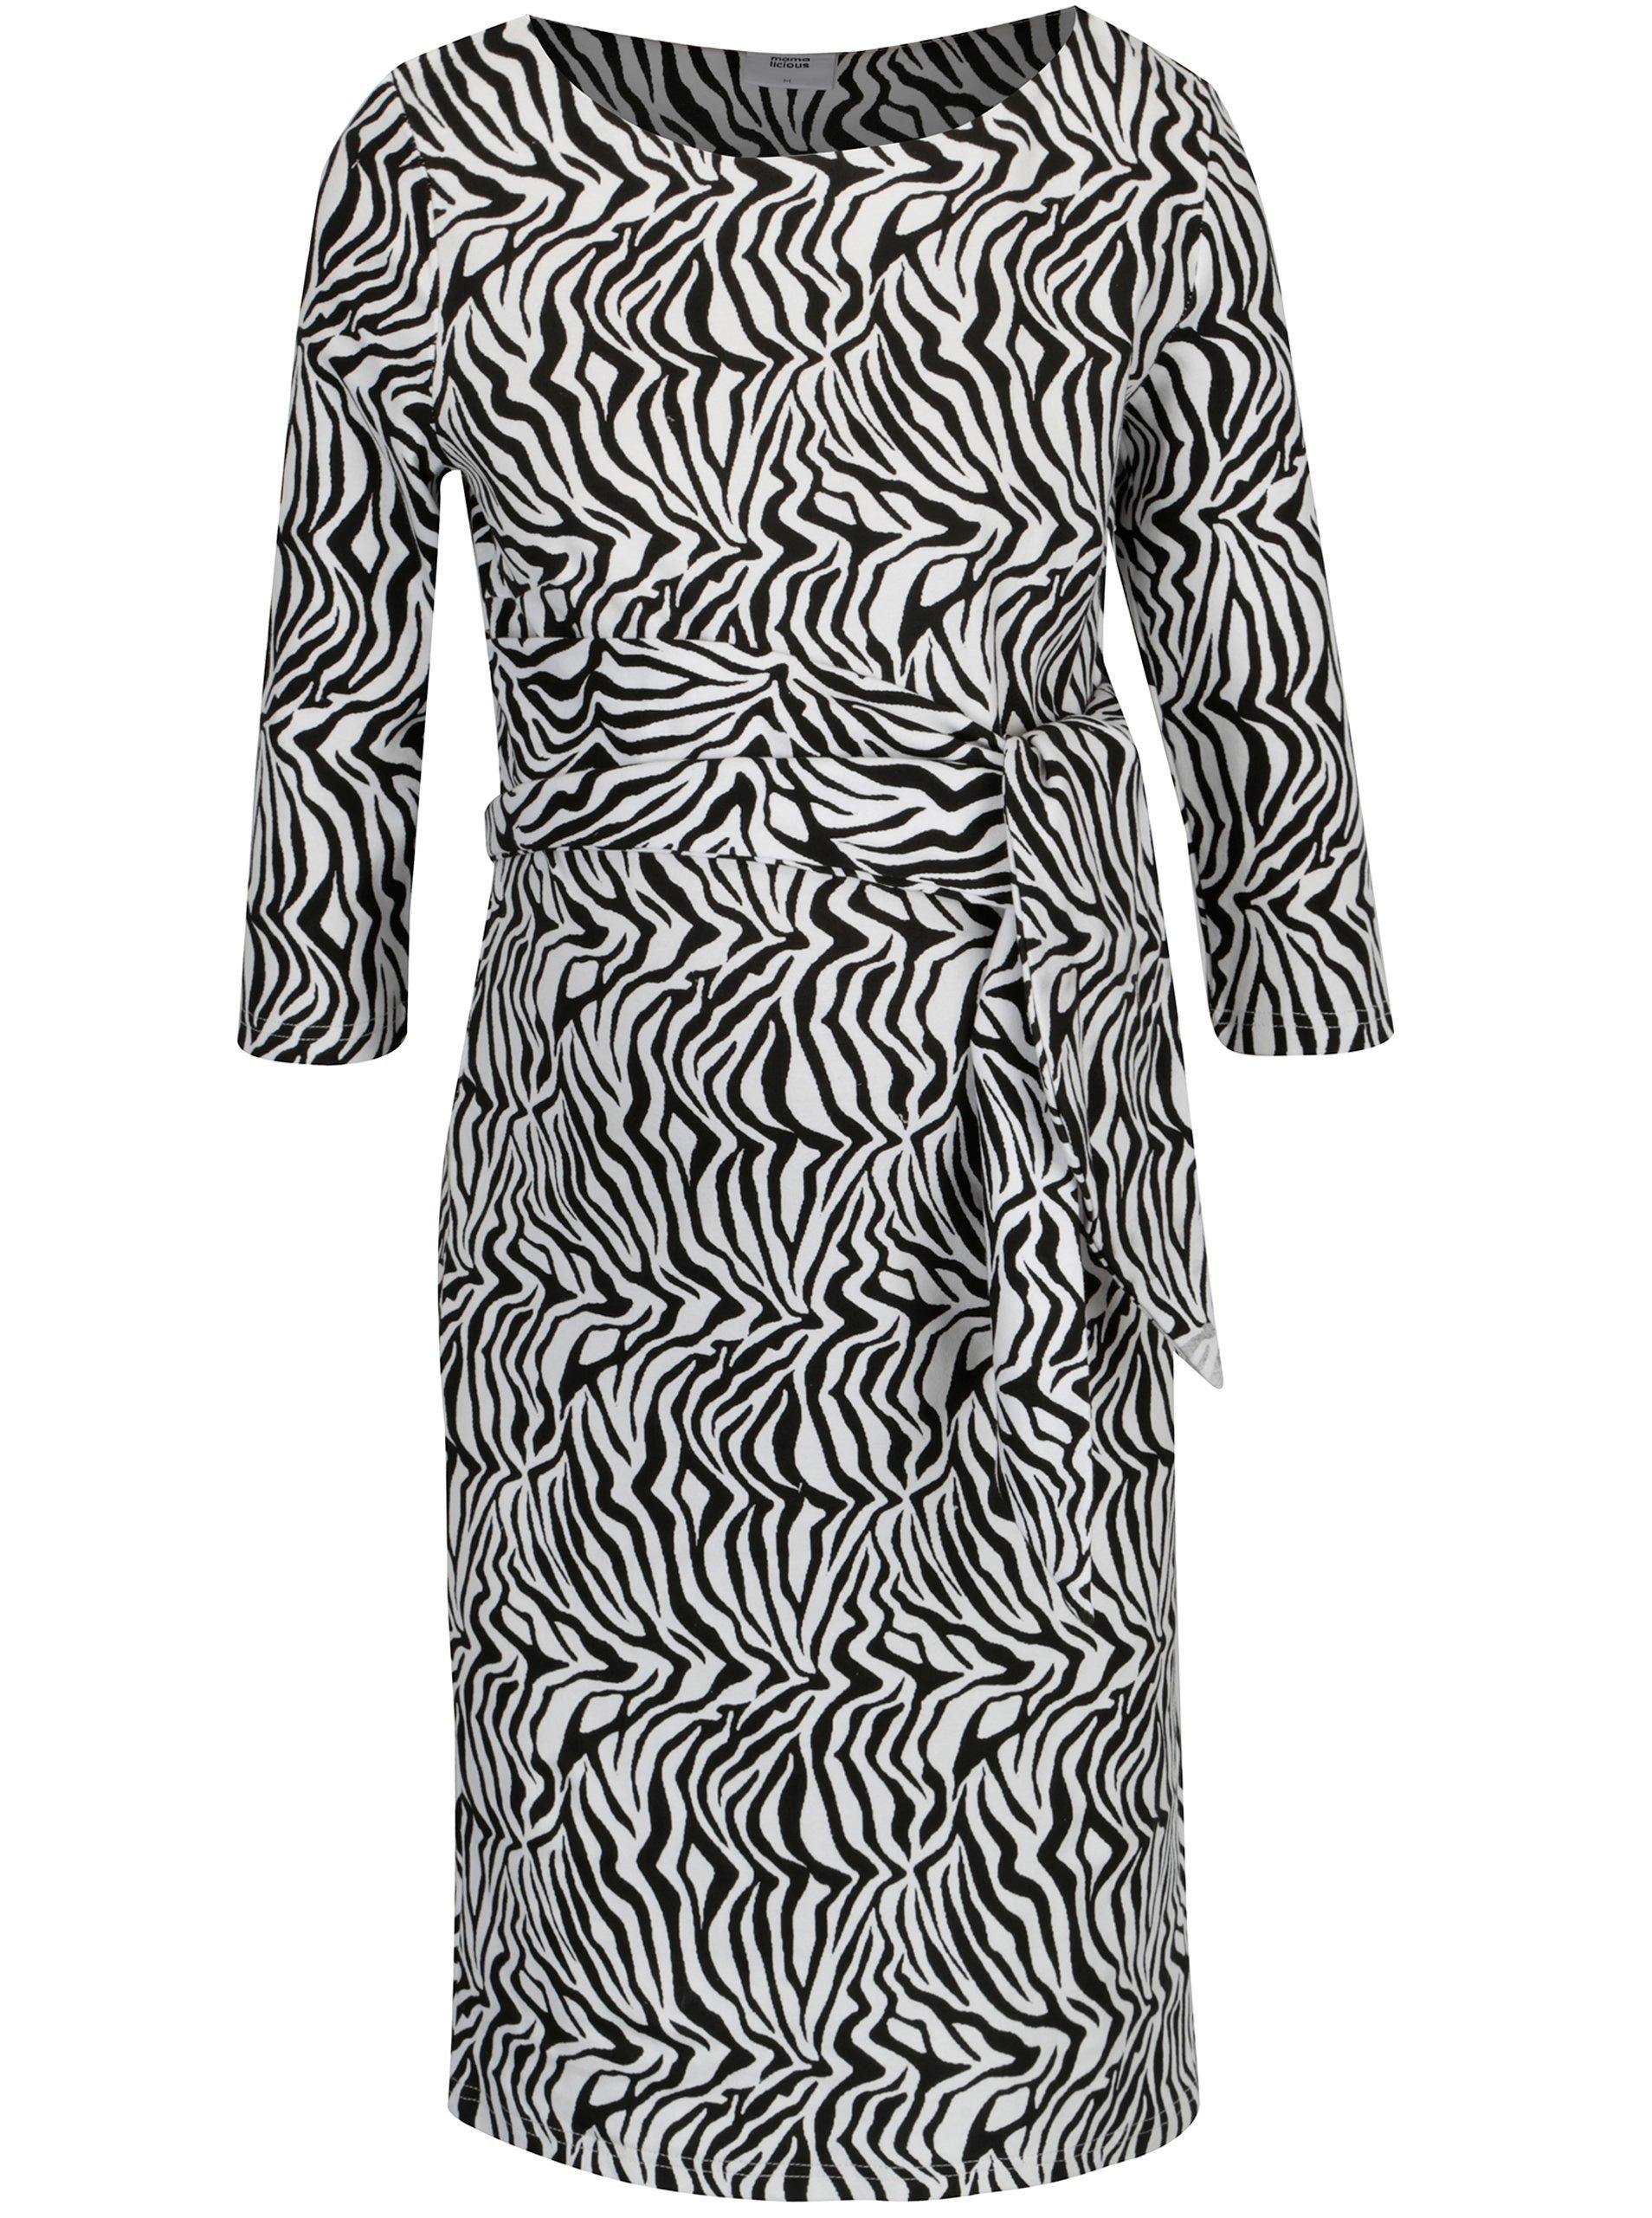 8f5f8957349 Černo-bílé těhotenské vzorované šaty Mama.licious Zebra